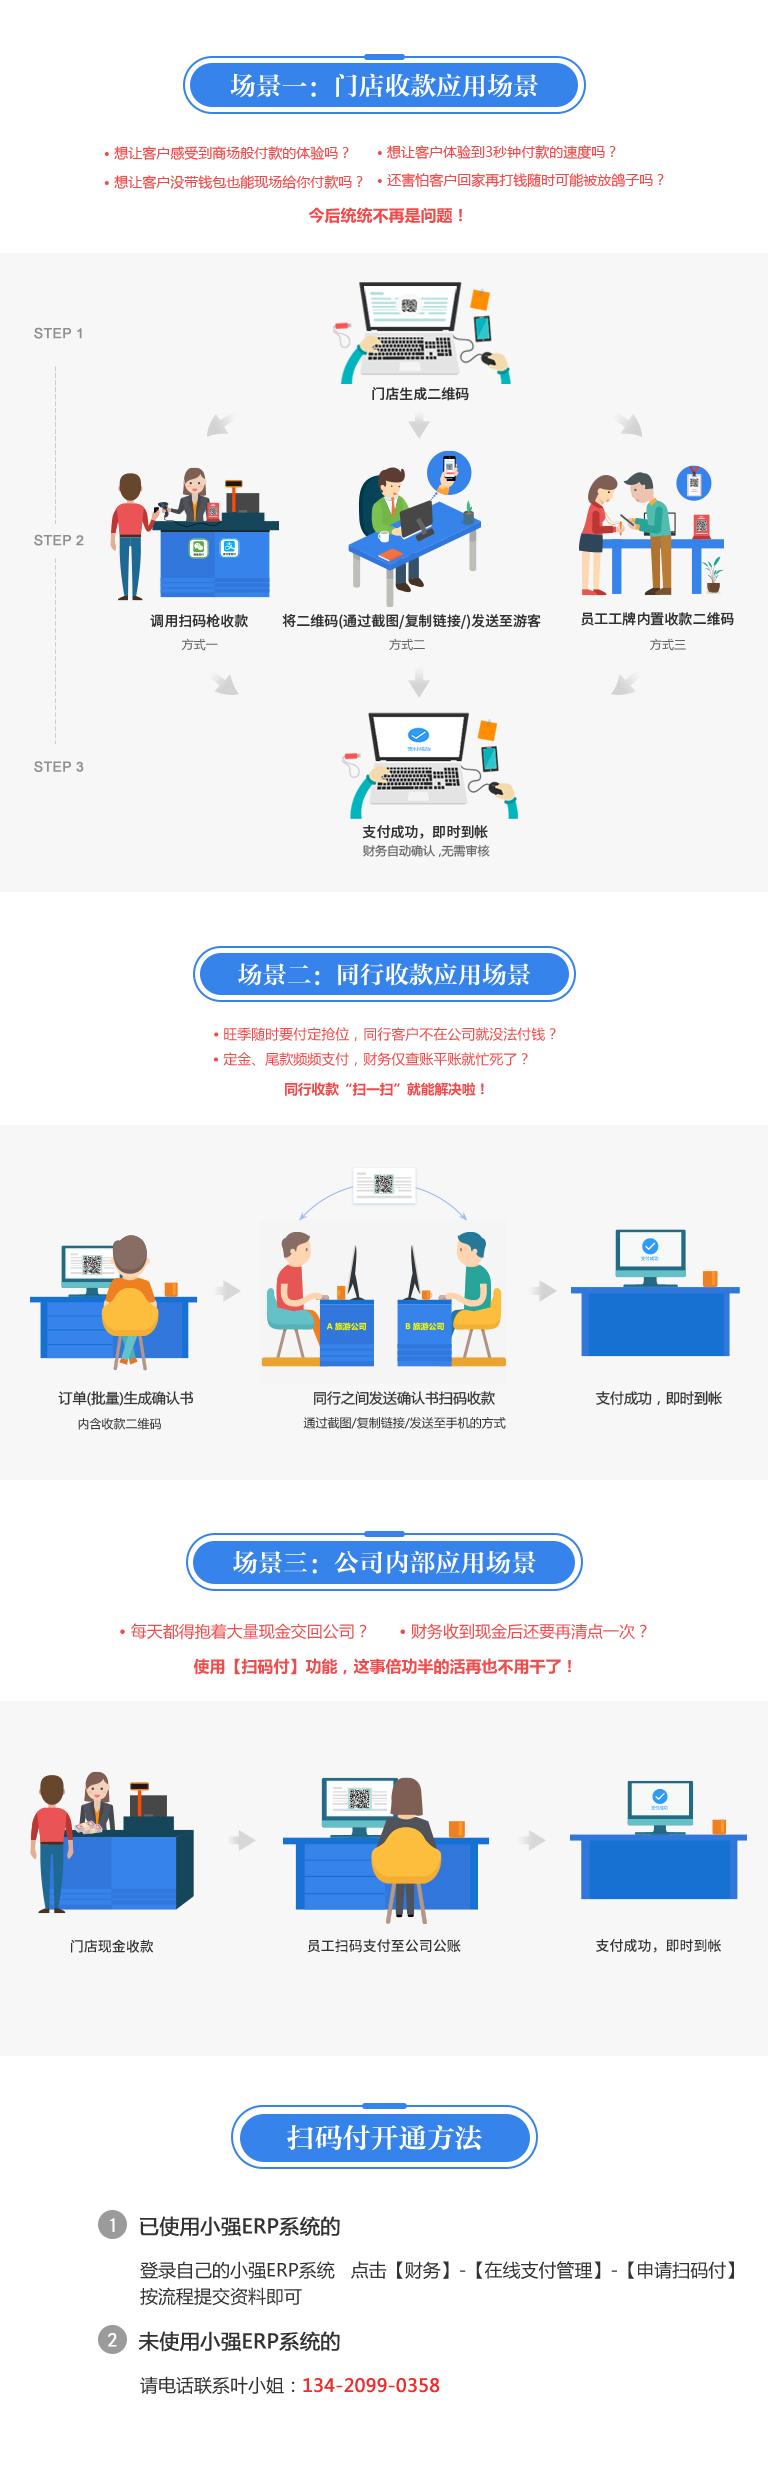 应用场景新闻图片(1).jpg